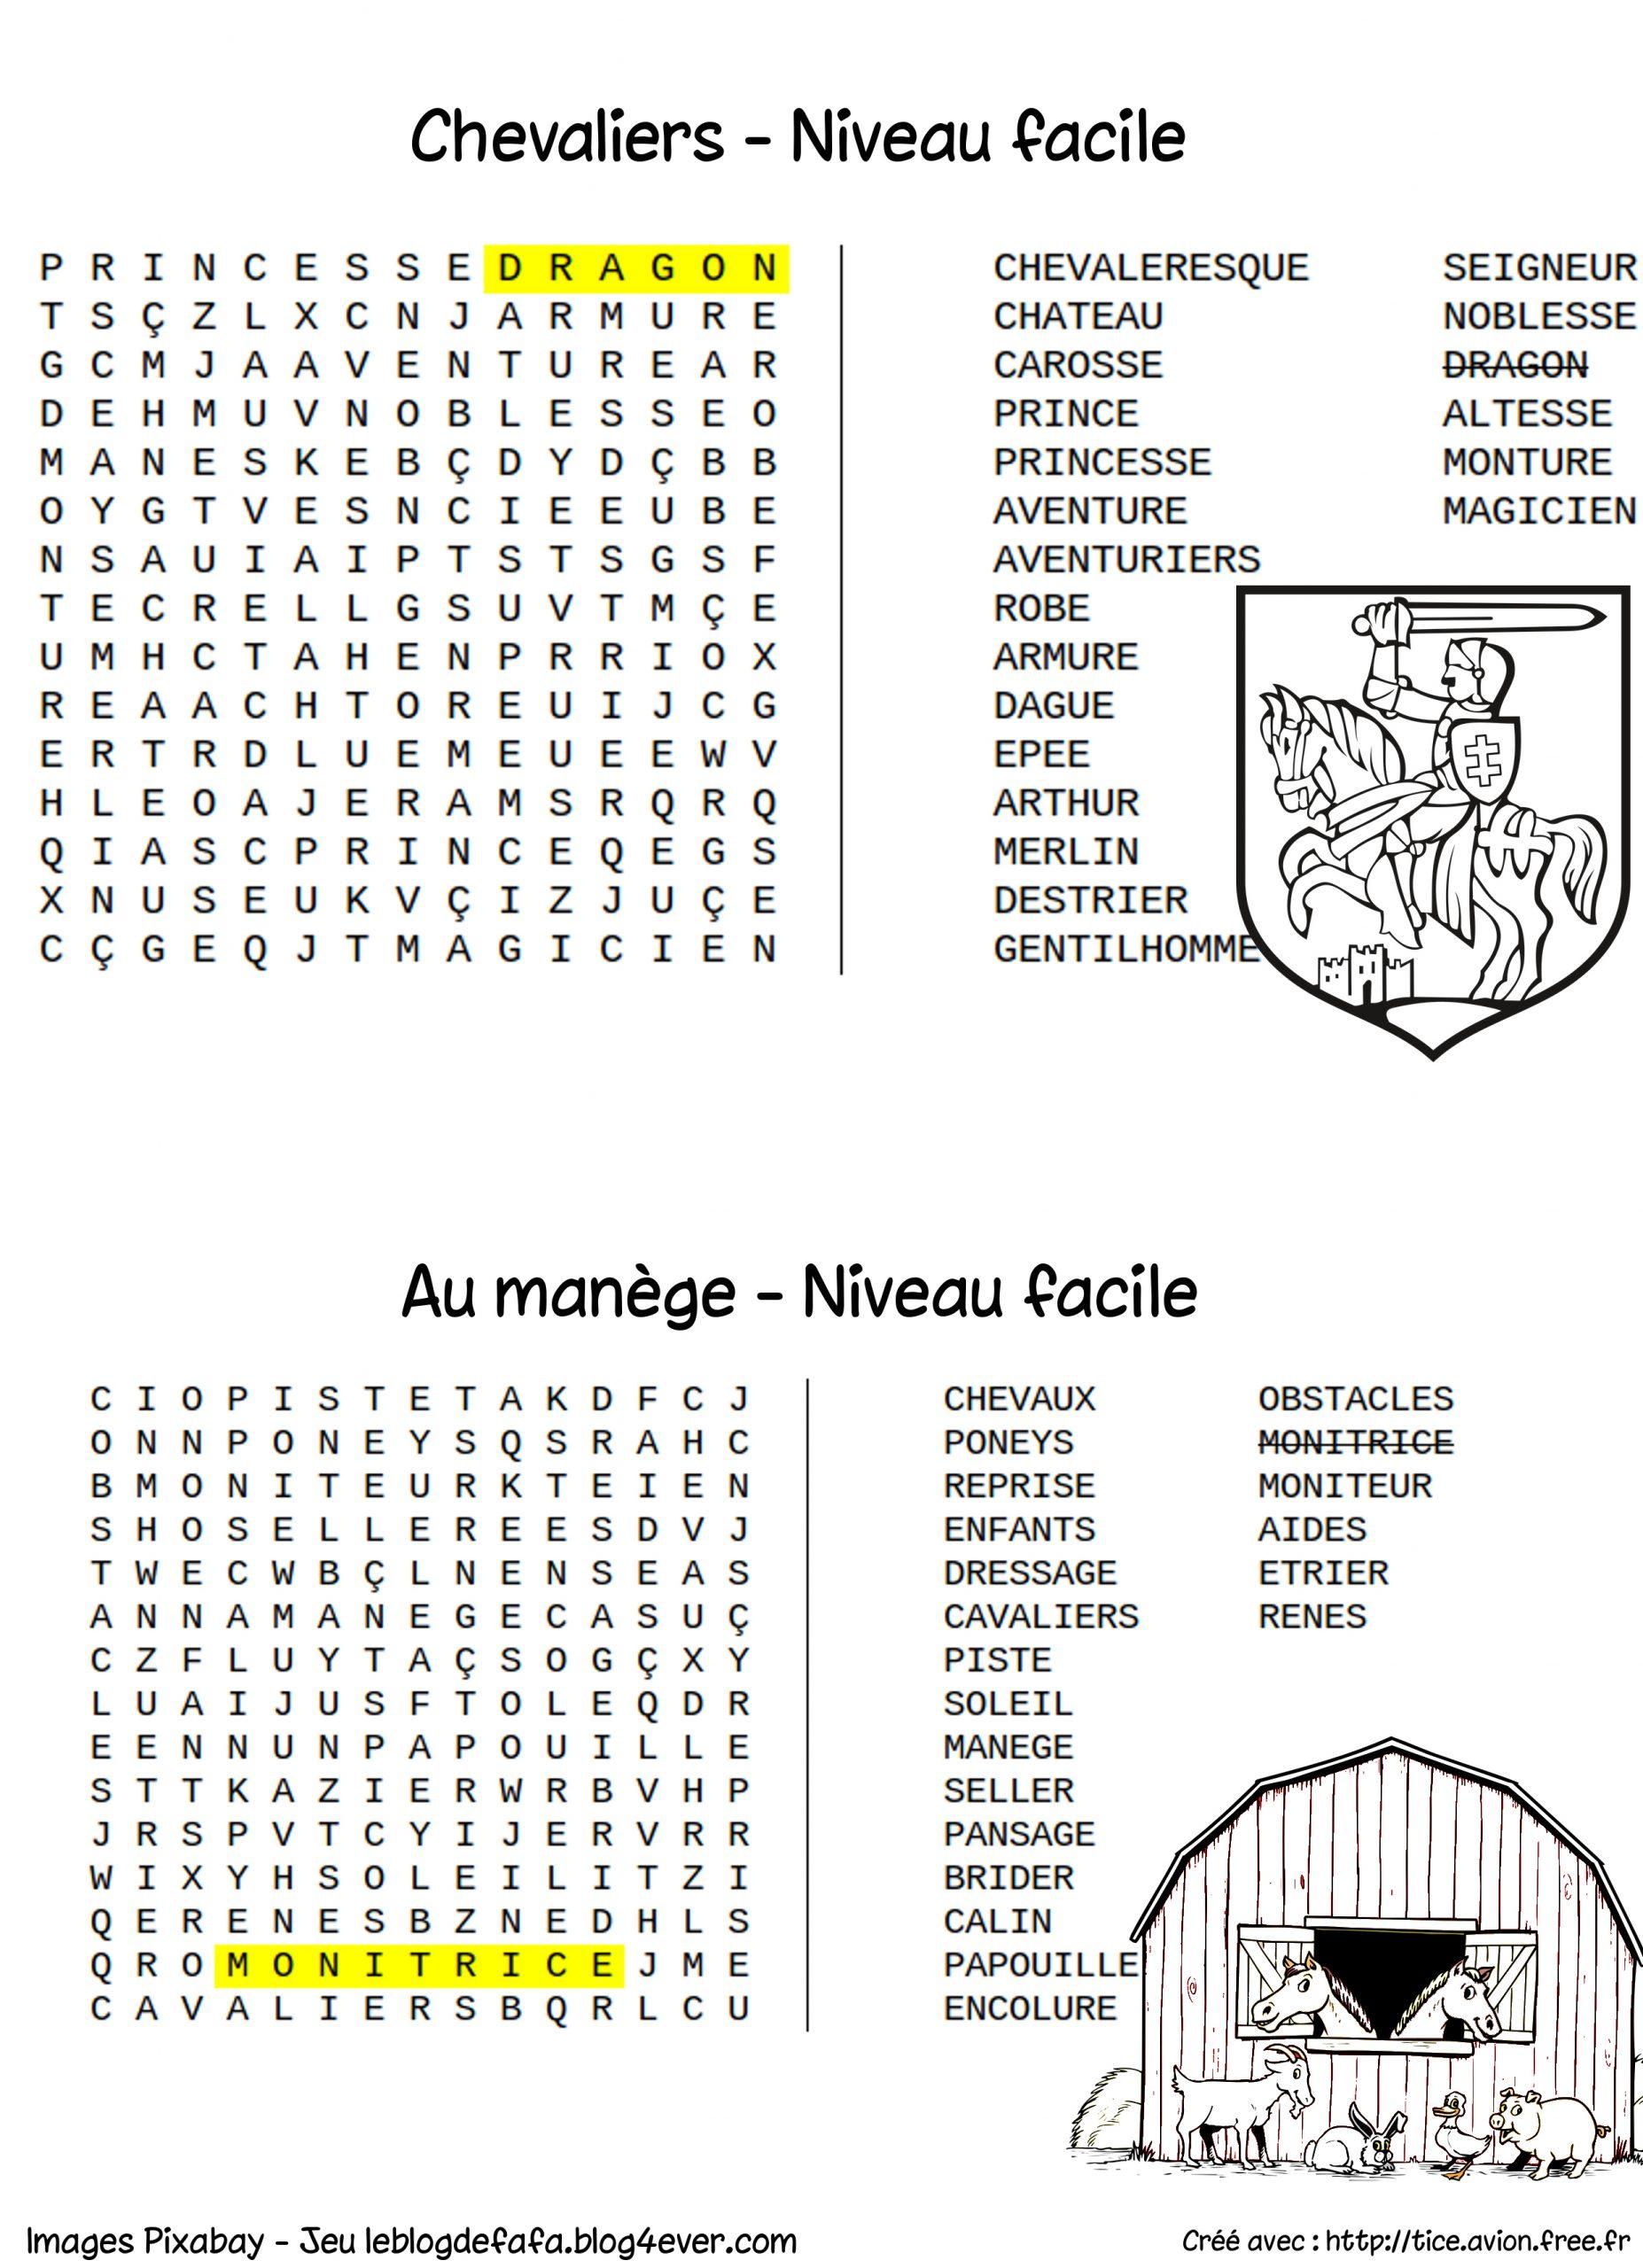 Mots Mêlés Gratuits À Imprimer Cheval Et Équitation (Nouveau concernant Mot Mele Facile